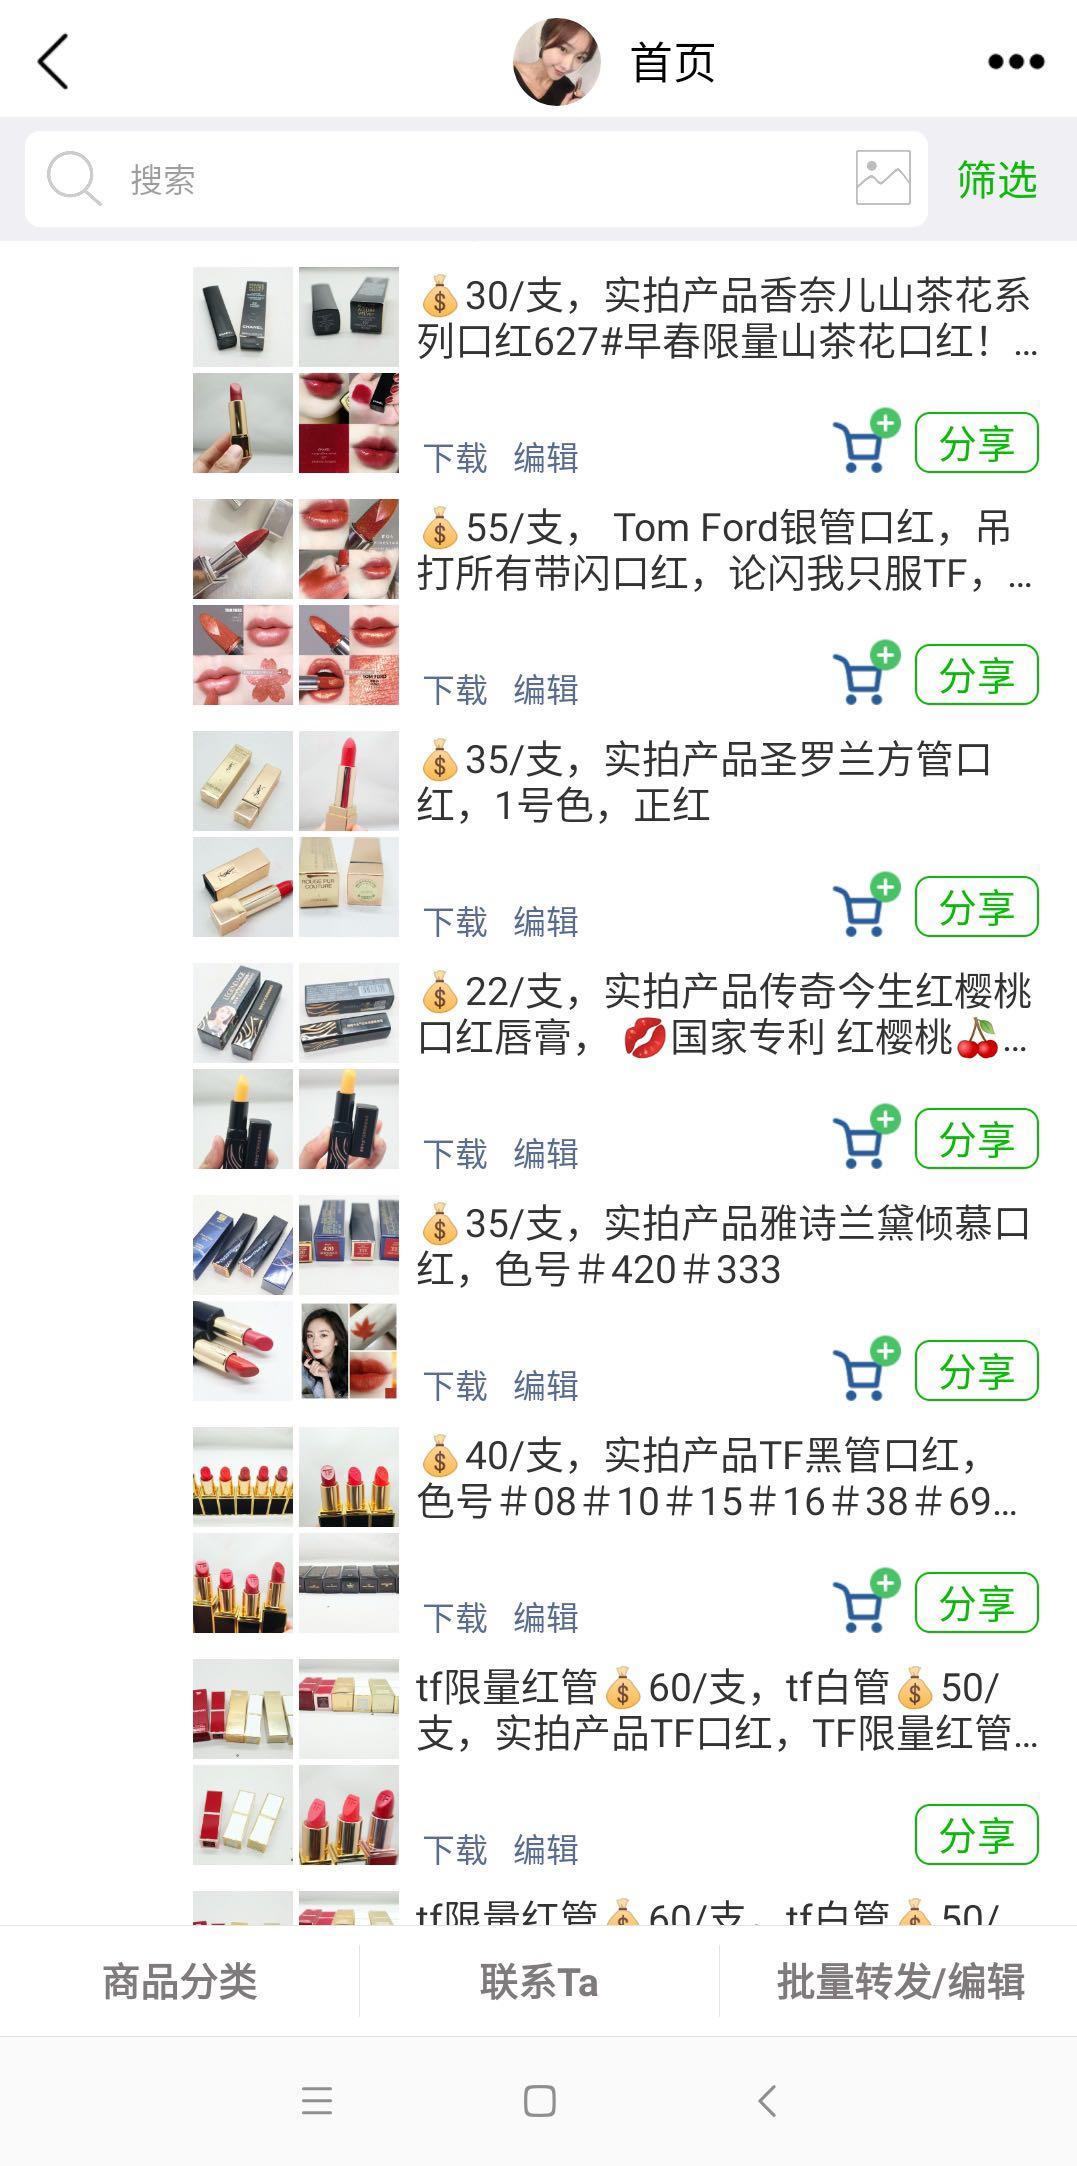 """一名微信昵称为""""美婷美妆""""的微商相册,声称""""货""""来自汕头潮阳区,相册发布有各类低价仿制口红。"""